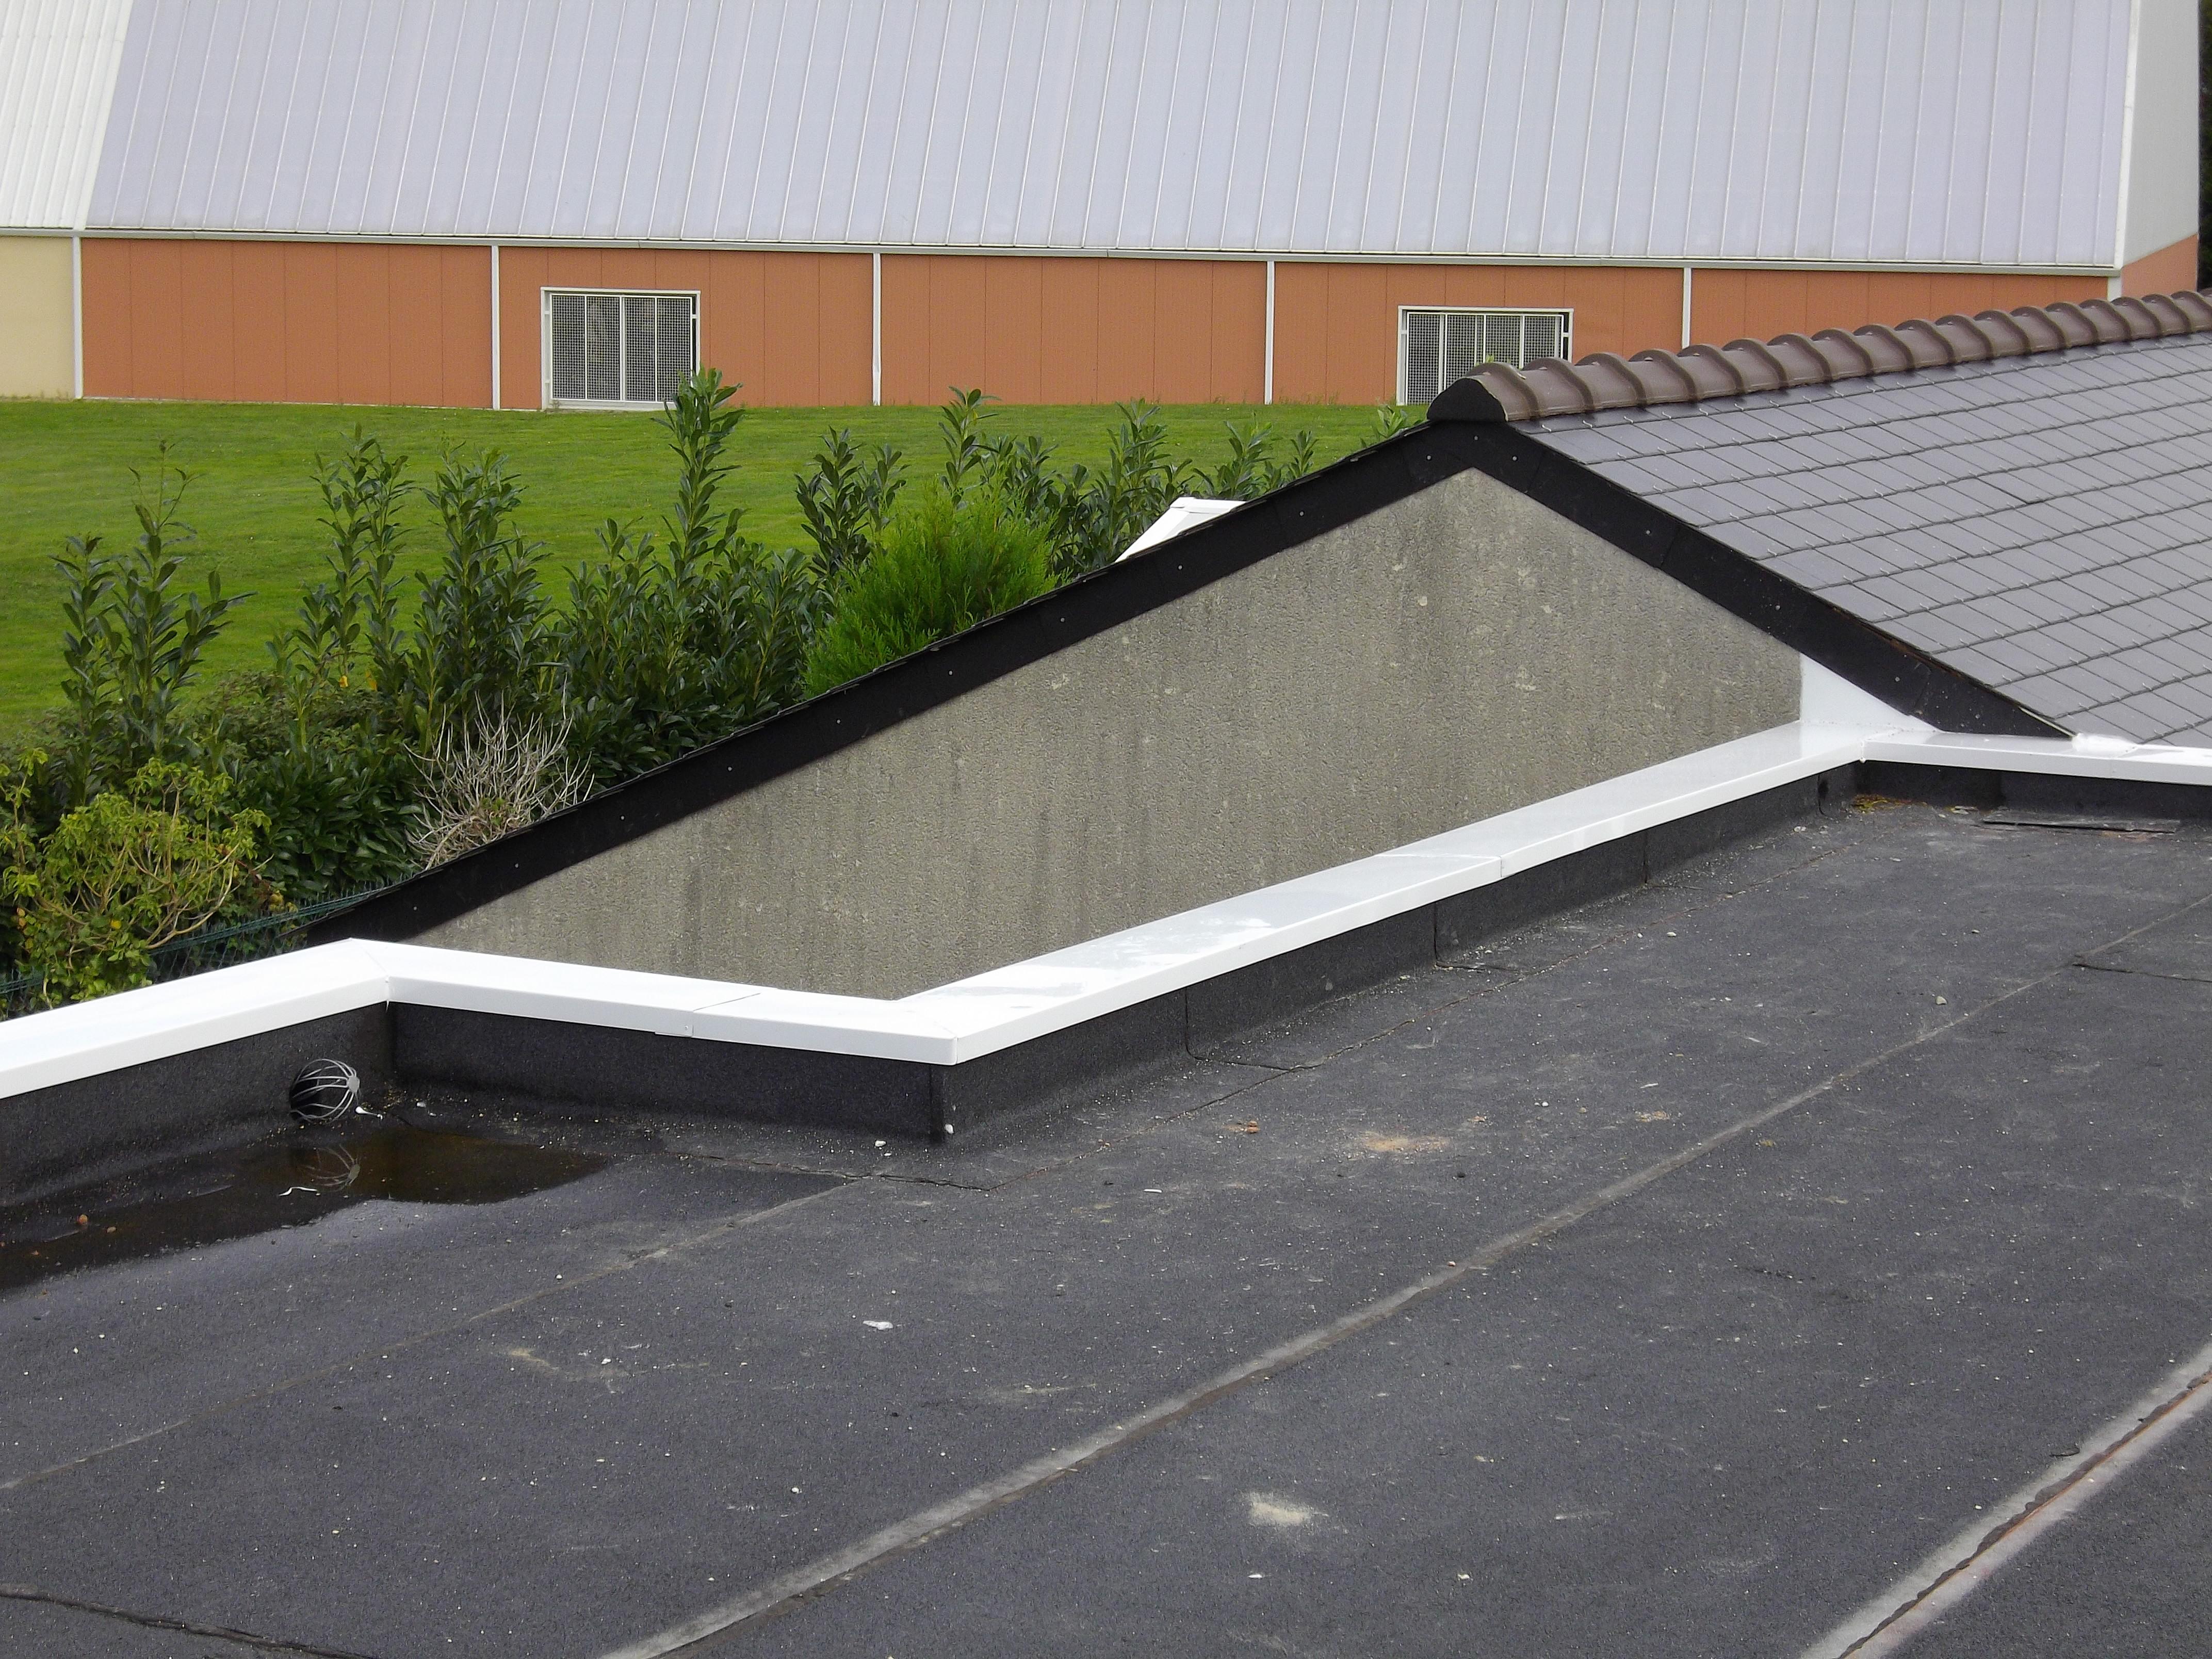 Acrotère Toit Plat - Couvertine Alu - Au Bac D'eau Nantes intérieur Acrotere Toiture Terrasse